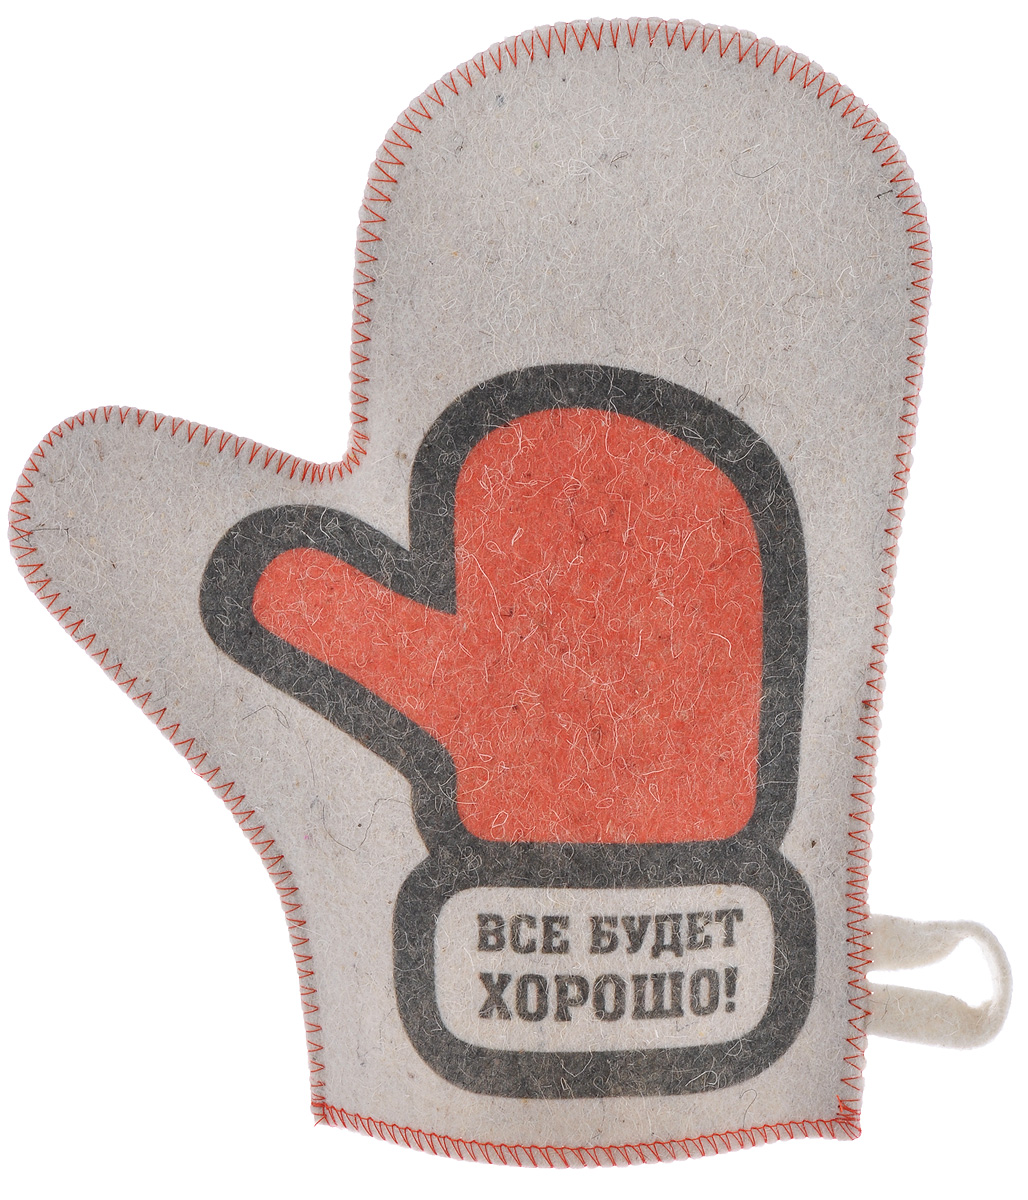 Рукавица для бани и сауны Главбаня Все будет хорошо!, цвет: белый, красный, черныйА3452Рукавица Главбаня Все будет хорошо!, изготовленная из войлока, - незаменимый банный атрибут. Изделие декорировано ярким рисунком и оснащено петелькой для подвешивания на крючок. Такая рукавица защищает руки от горячего пара, делает комфортным пребывание в парной. Также ею можно прекрасно промассировать тело.Размер: 28 см х 22,5 см.Материал: войлок (50% шерсть, 50% полиэфир).